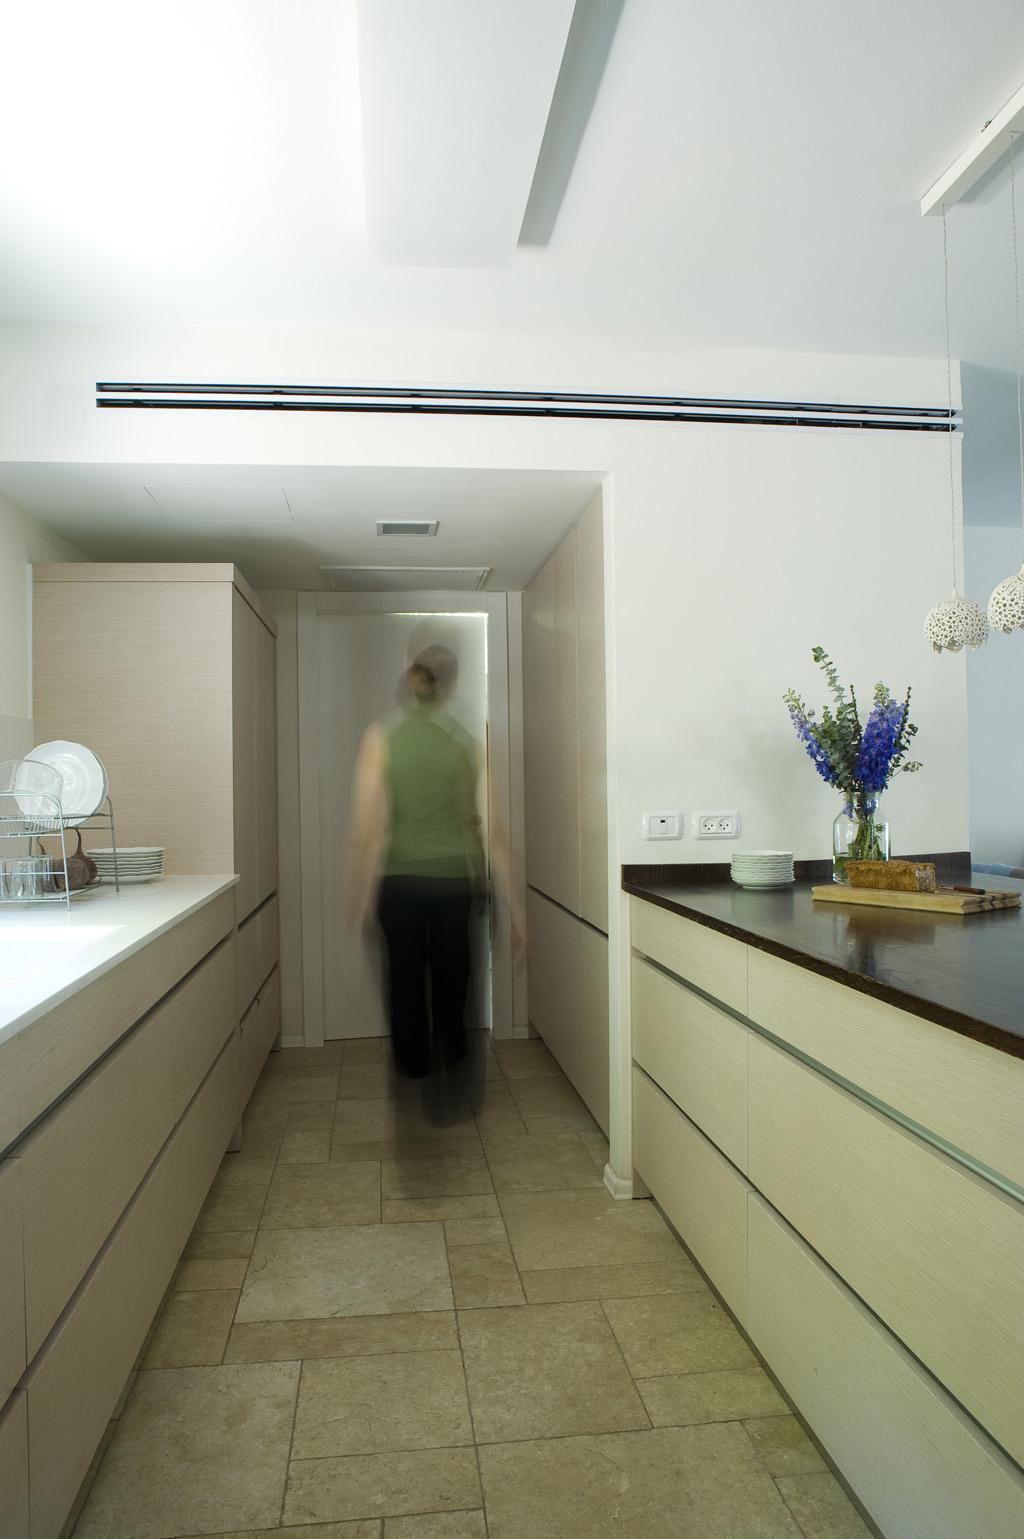 מטבח וחדר מזווה